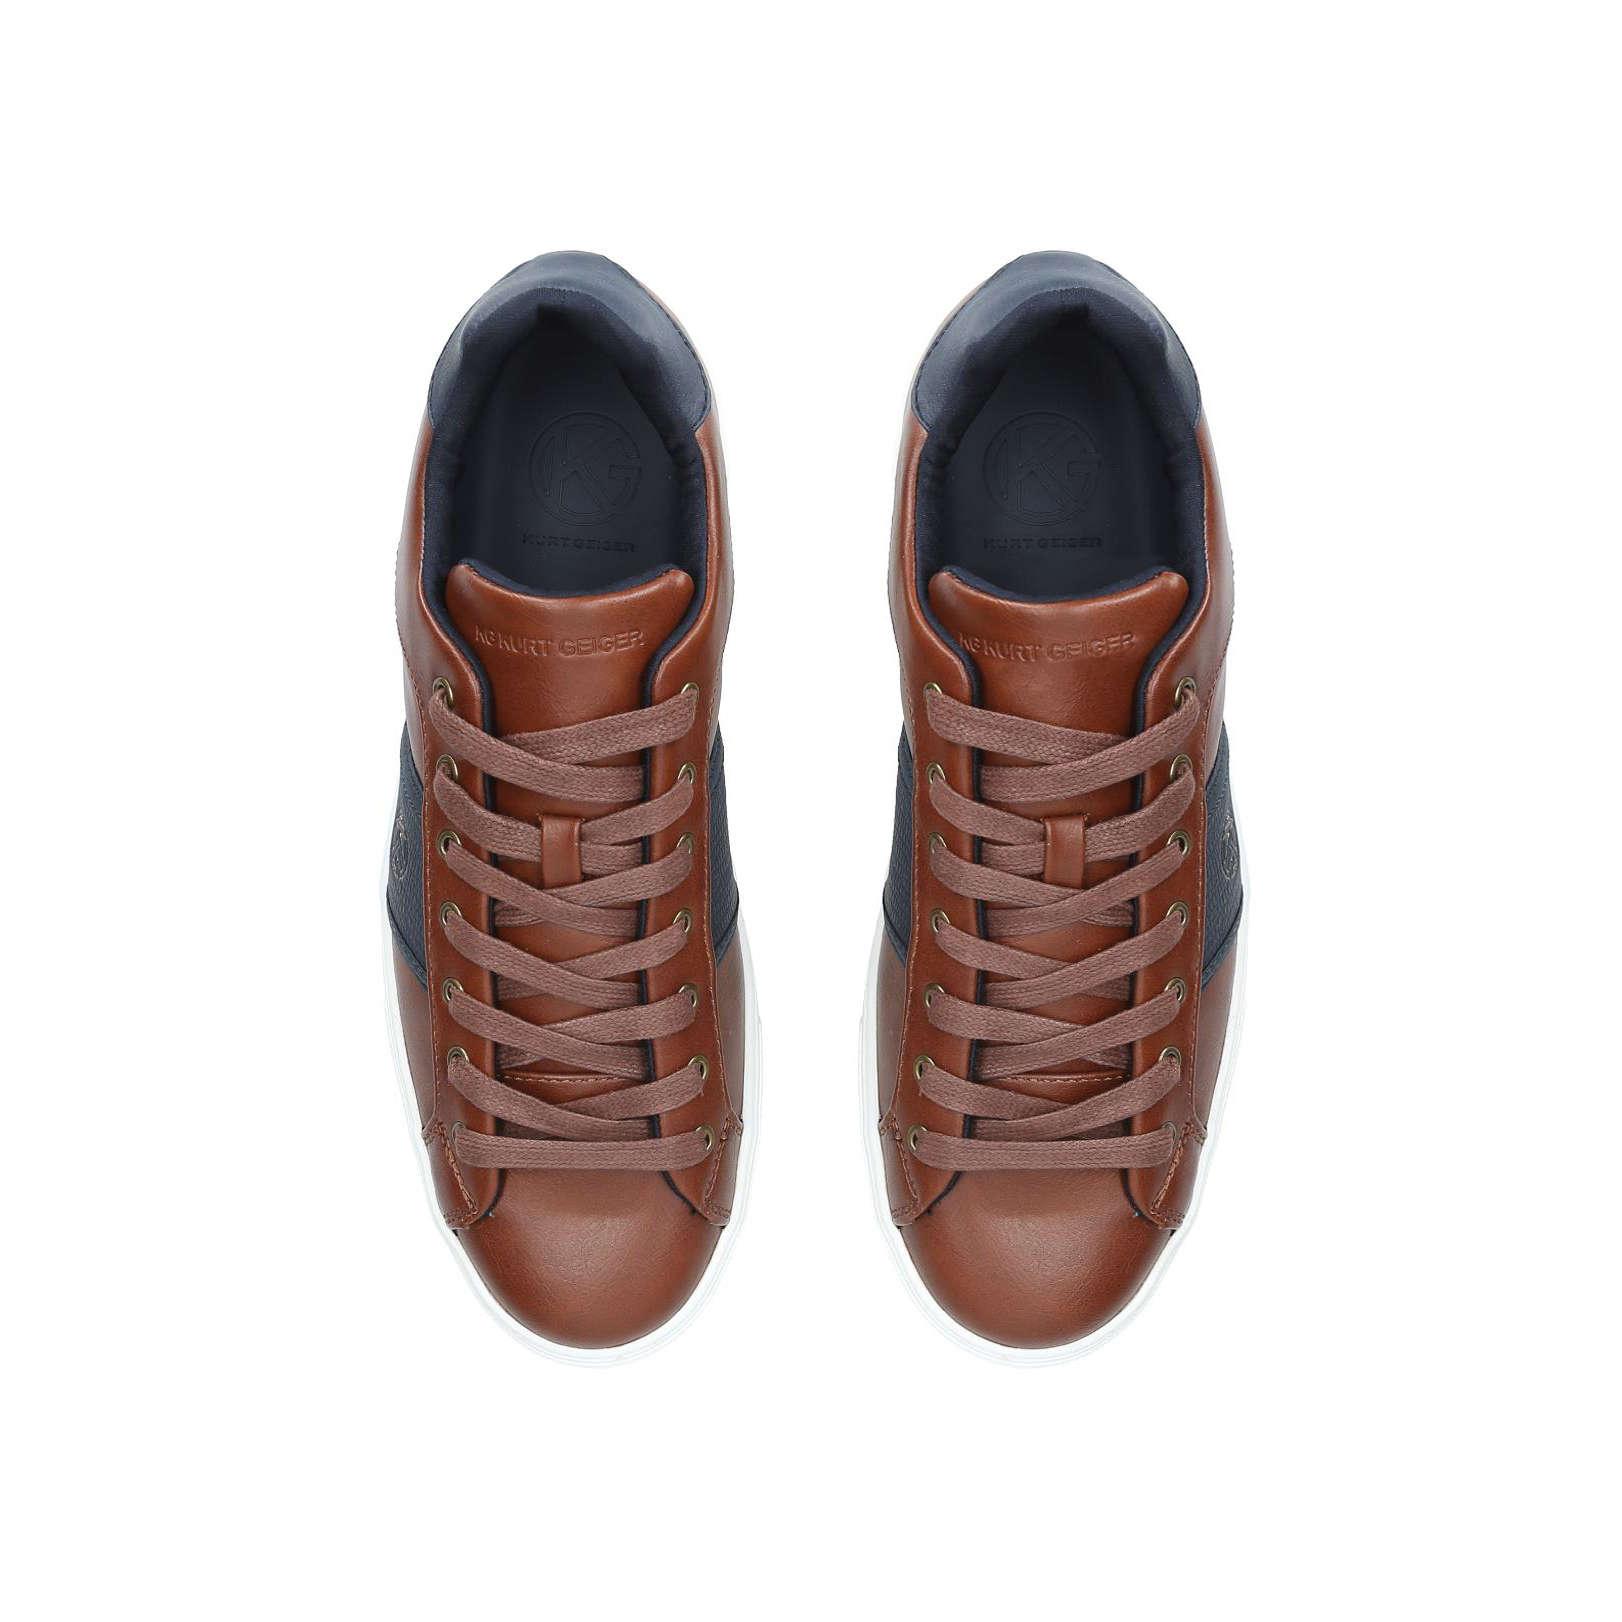 Kurt Geiger Sudbury Sneakers - Tan Brown